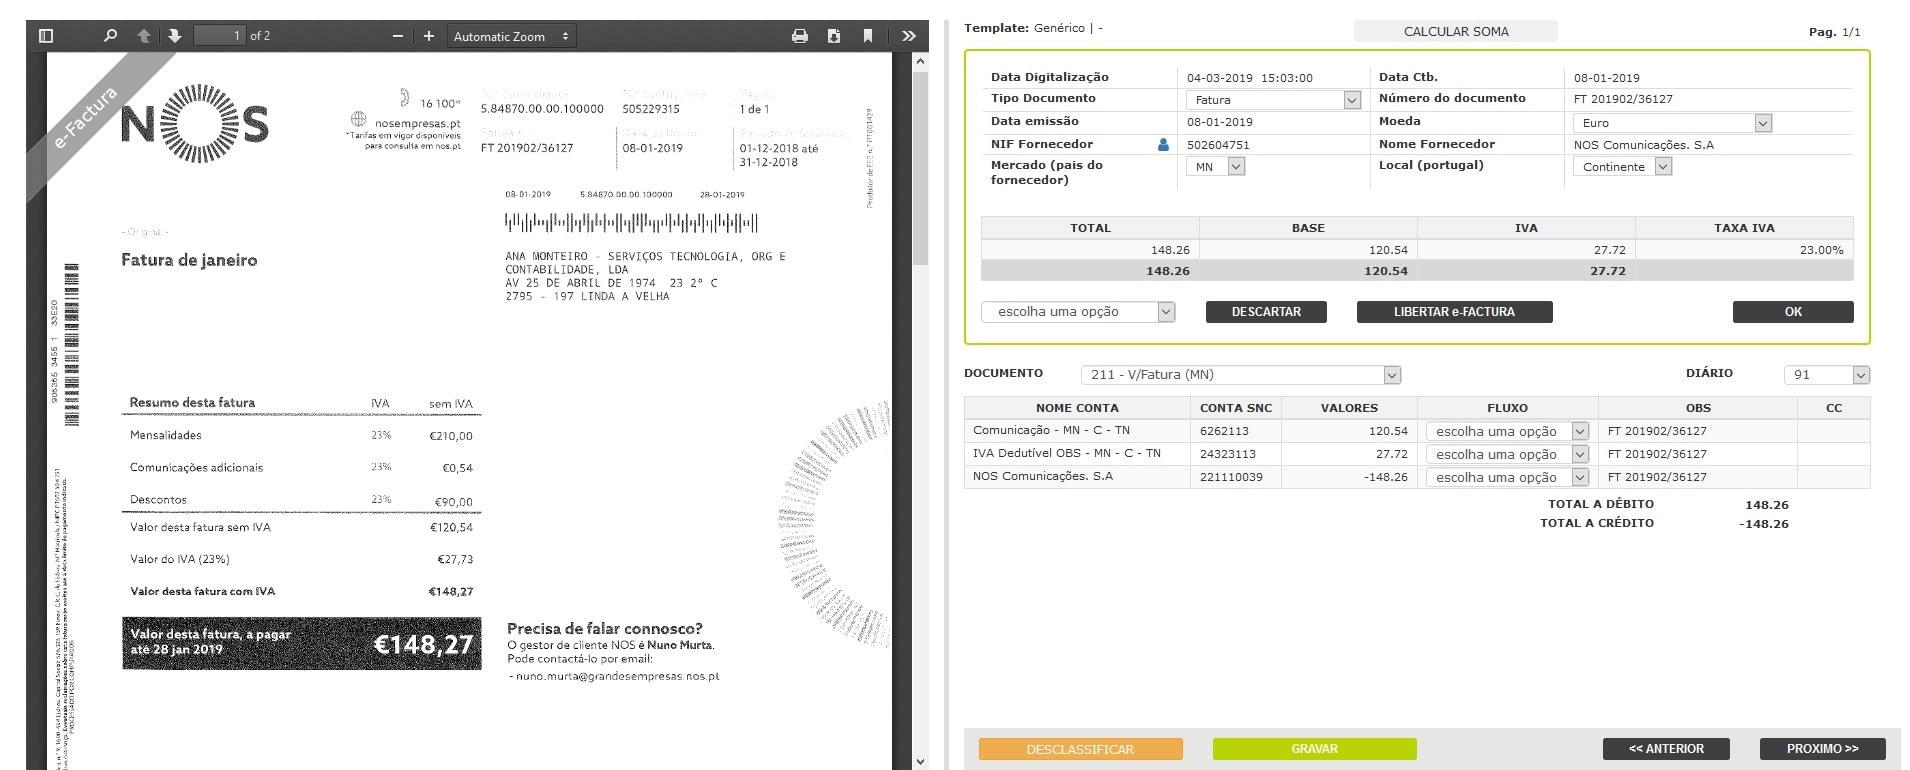 Classificação automática com dados extraídos por AV ou e-Factura